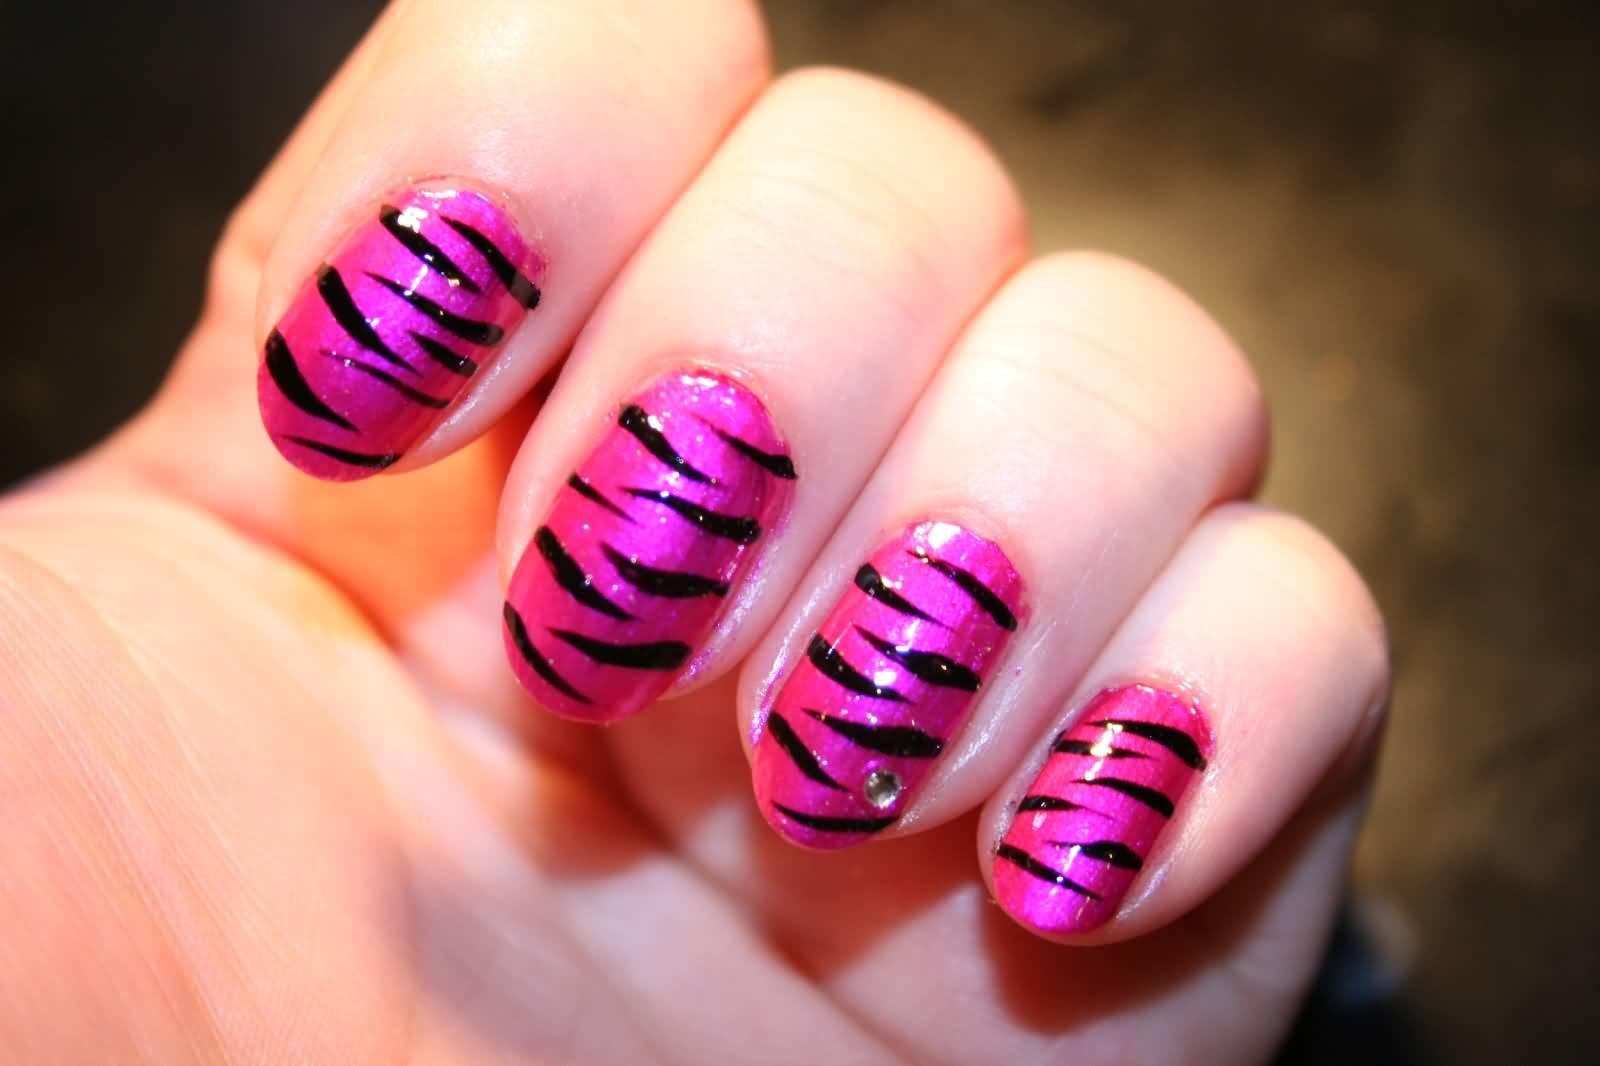 Nails дизайн ногтей фото